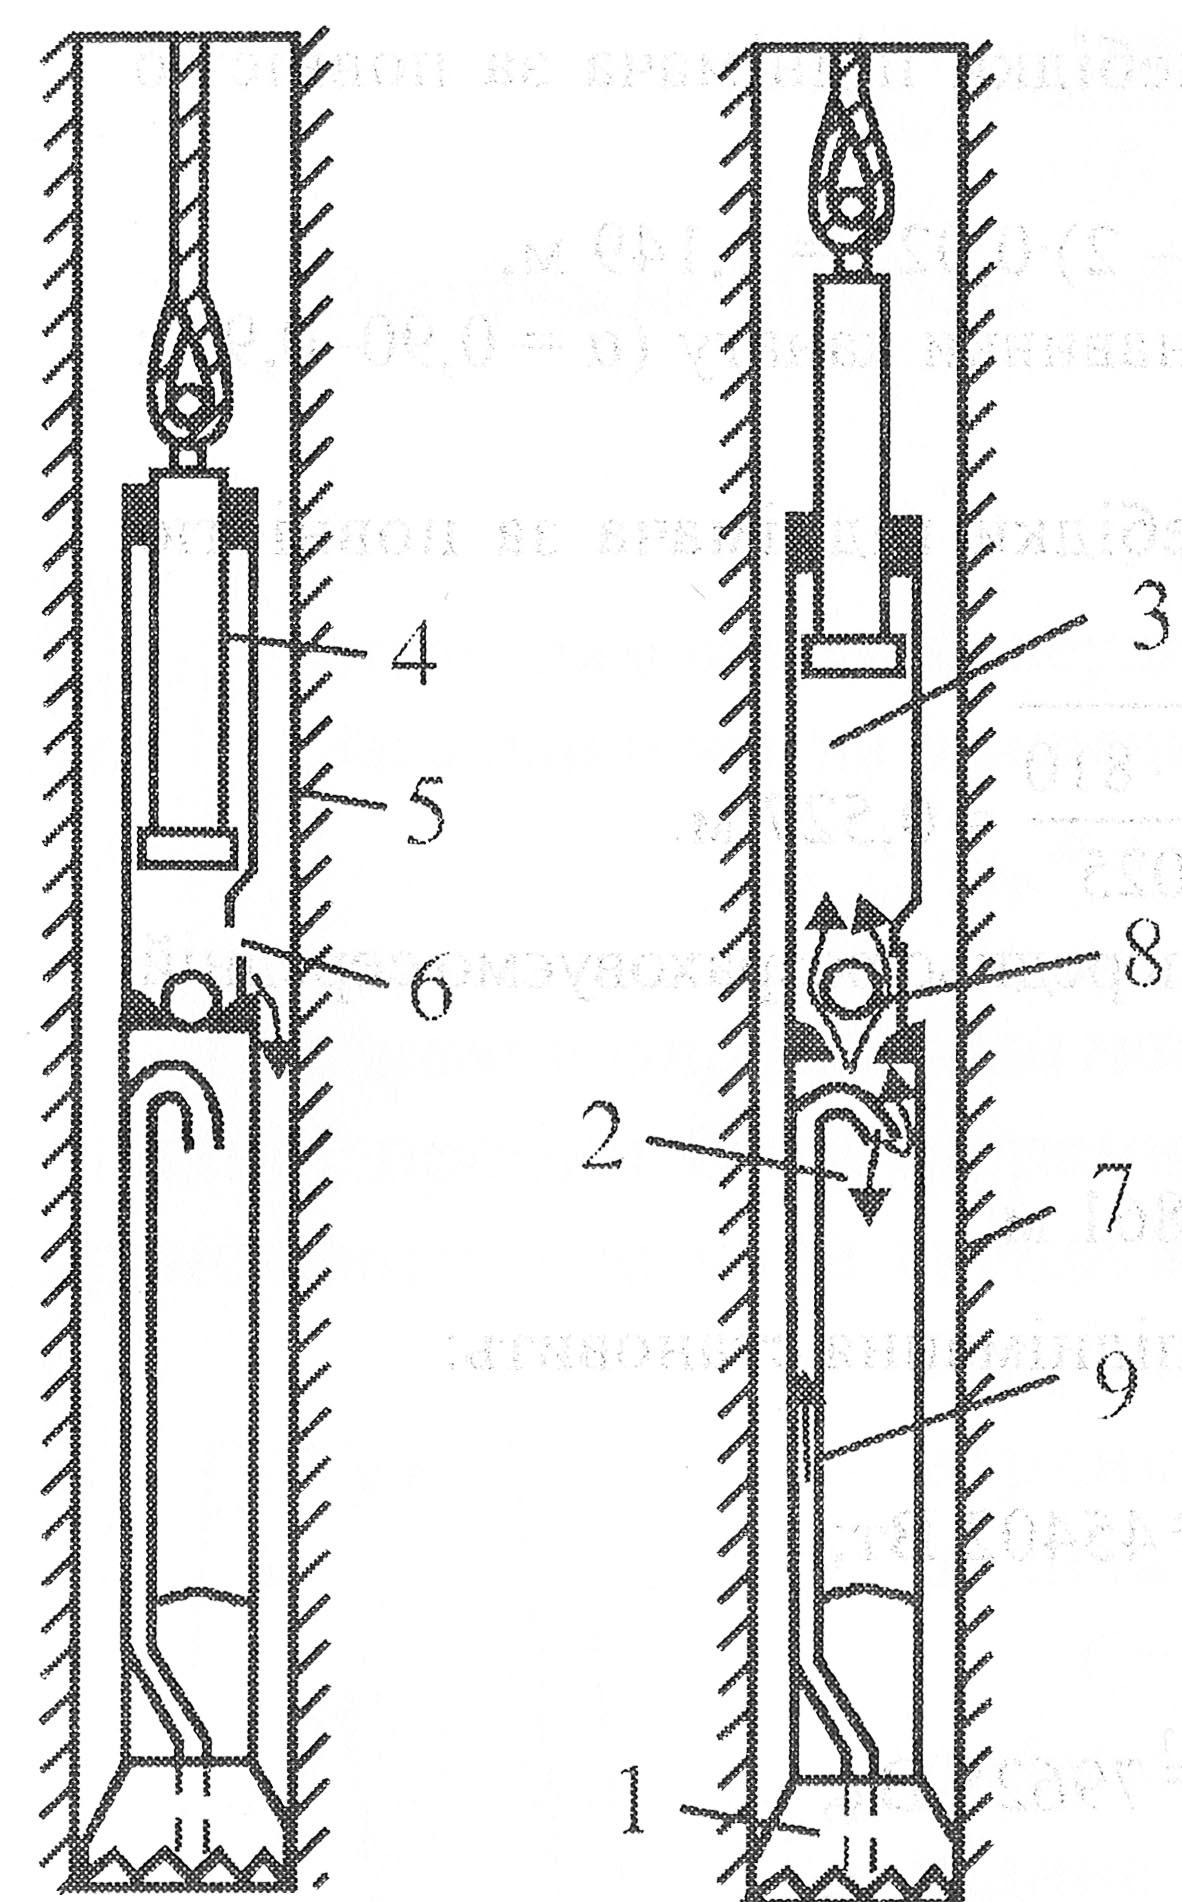 Желонка для скважины своими руками: пример изготовления + как ей правильно работать